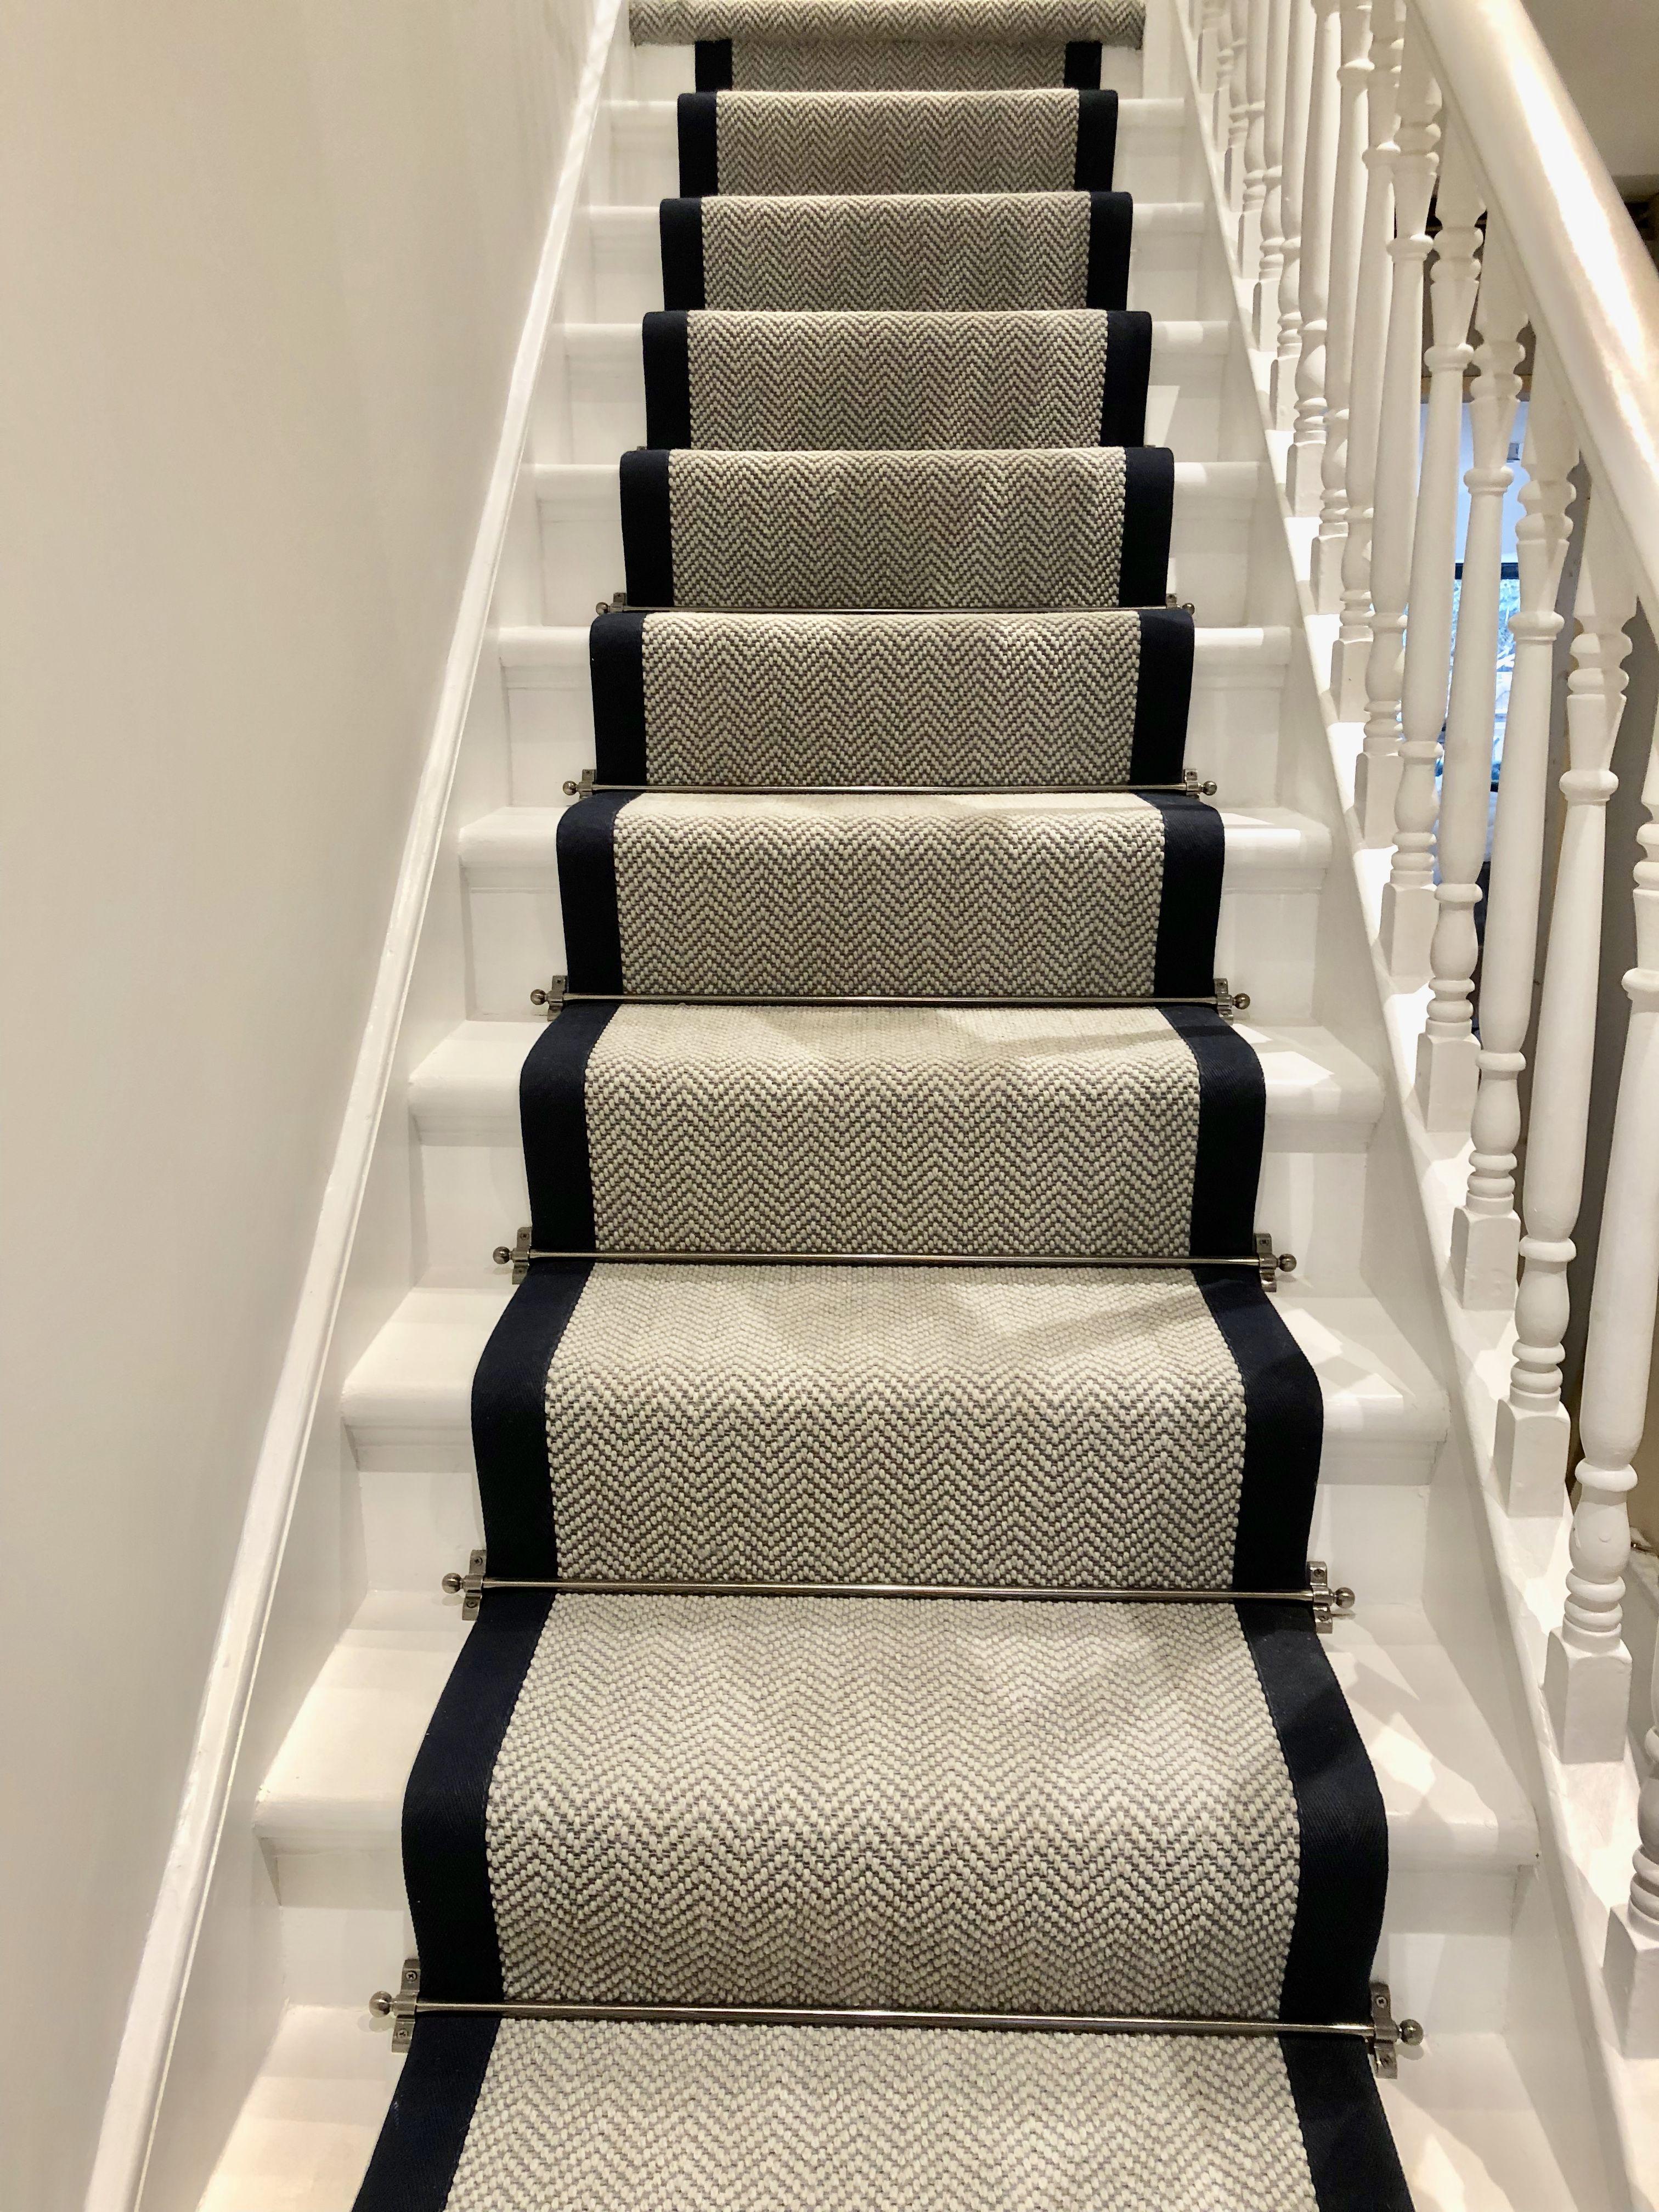 Grey Herringbone Stair Runner With Navy Trim Victoriawoodley   Grey Herringbone Carpet Stairs   Living Room   Flat Weave   Hartley   Patterned   Modern